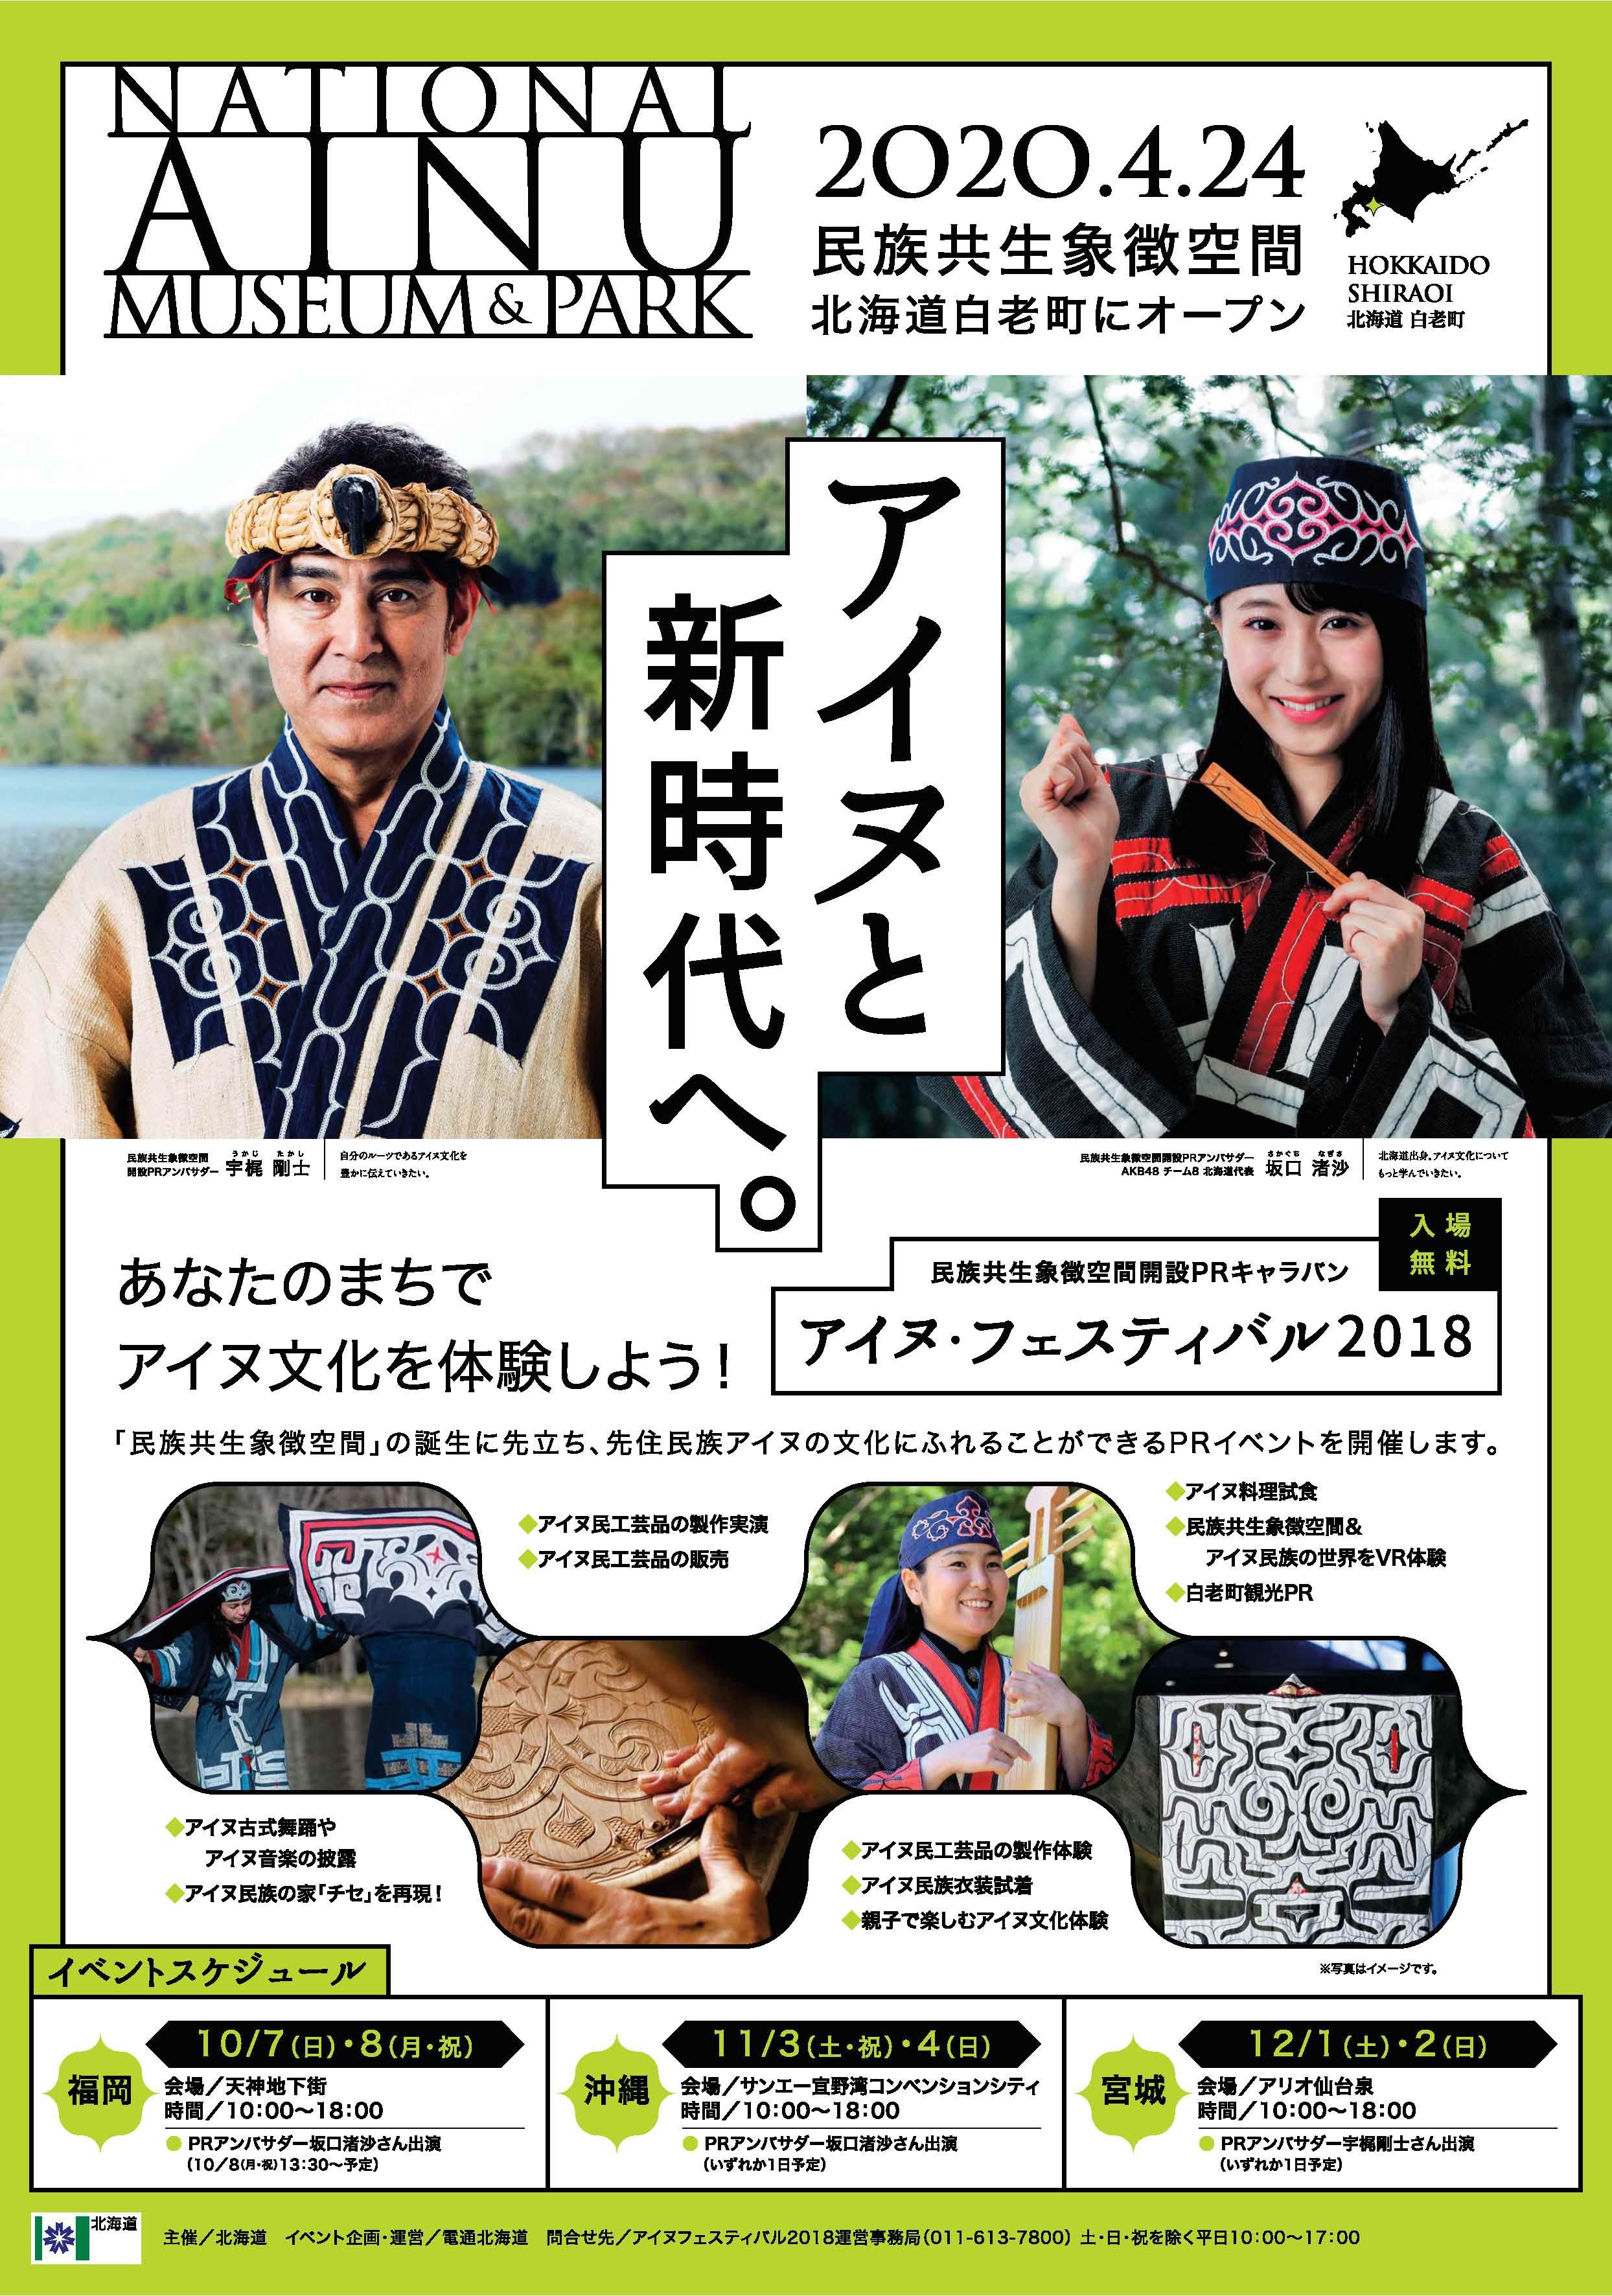 道内市町村・関係団体のお知らせアイヌ・フェスティバル2018in福岡